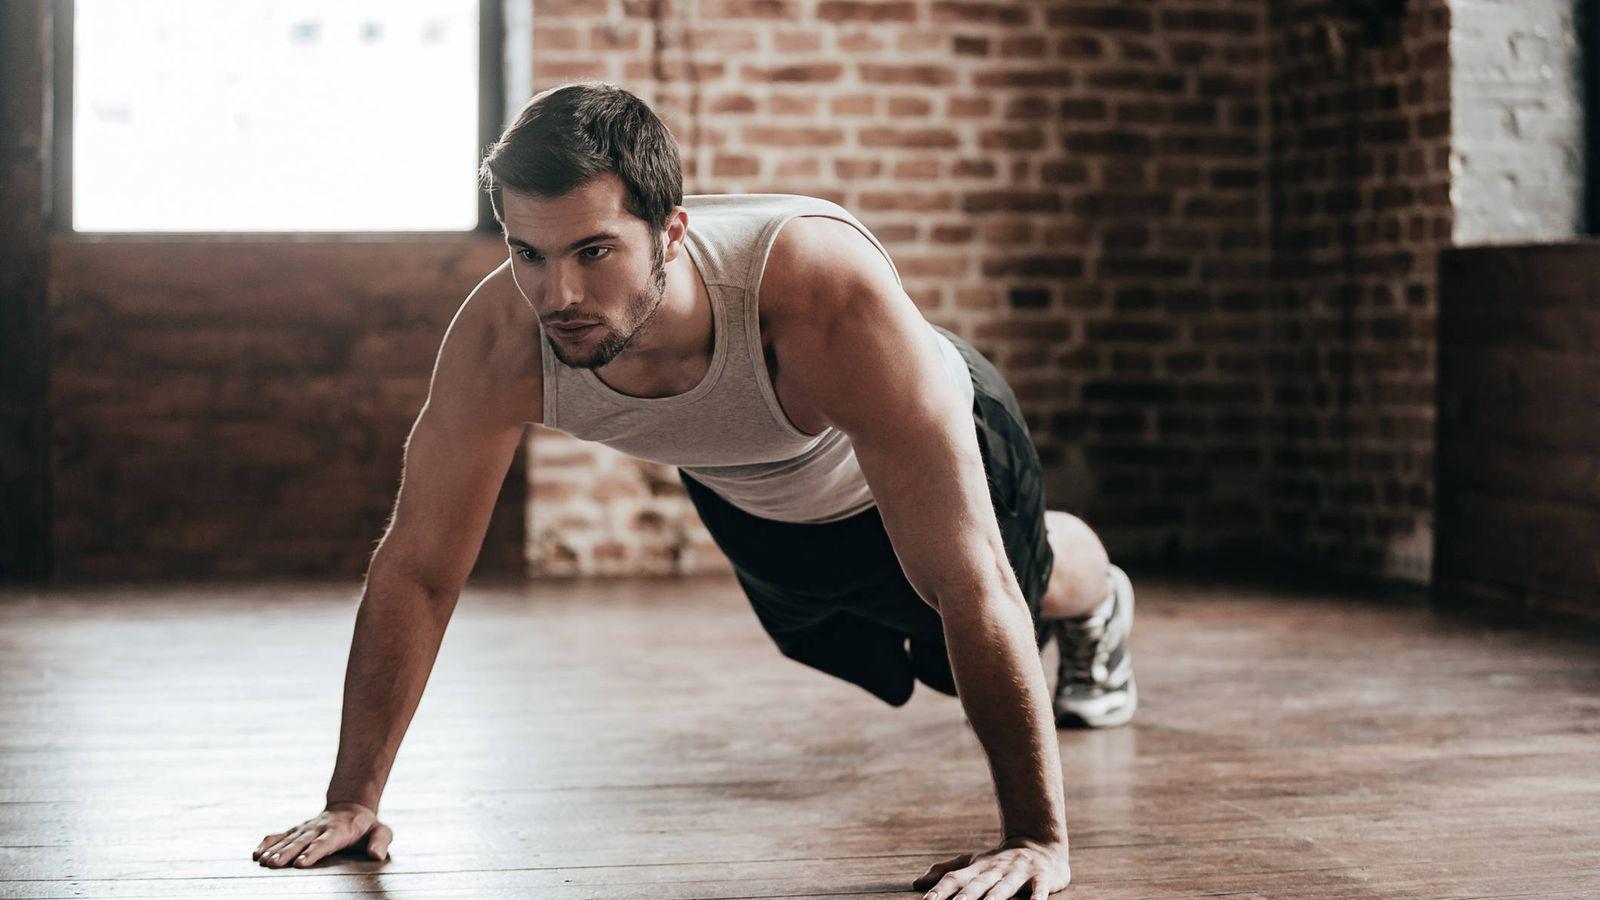 Salud  Los ejercicios que los hombres deberían hacer todos los días 683718e8d021